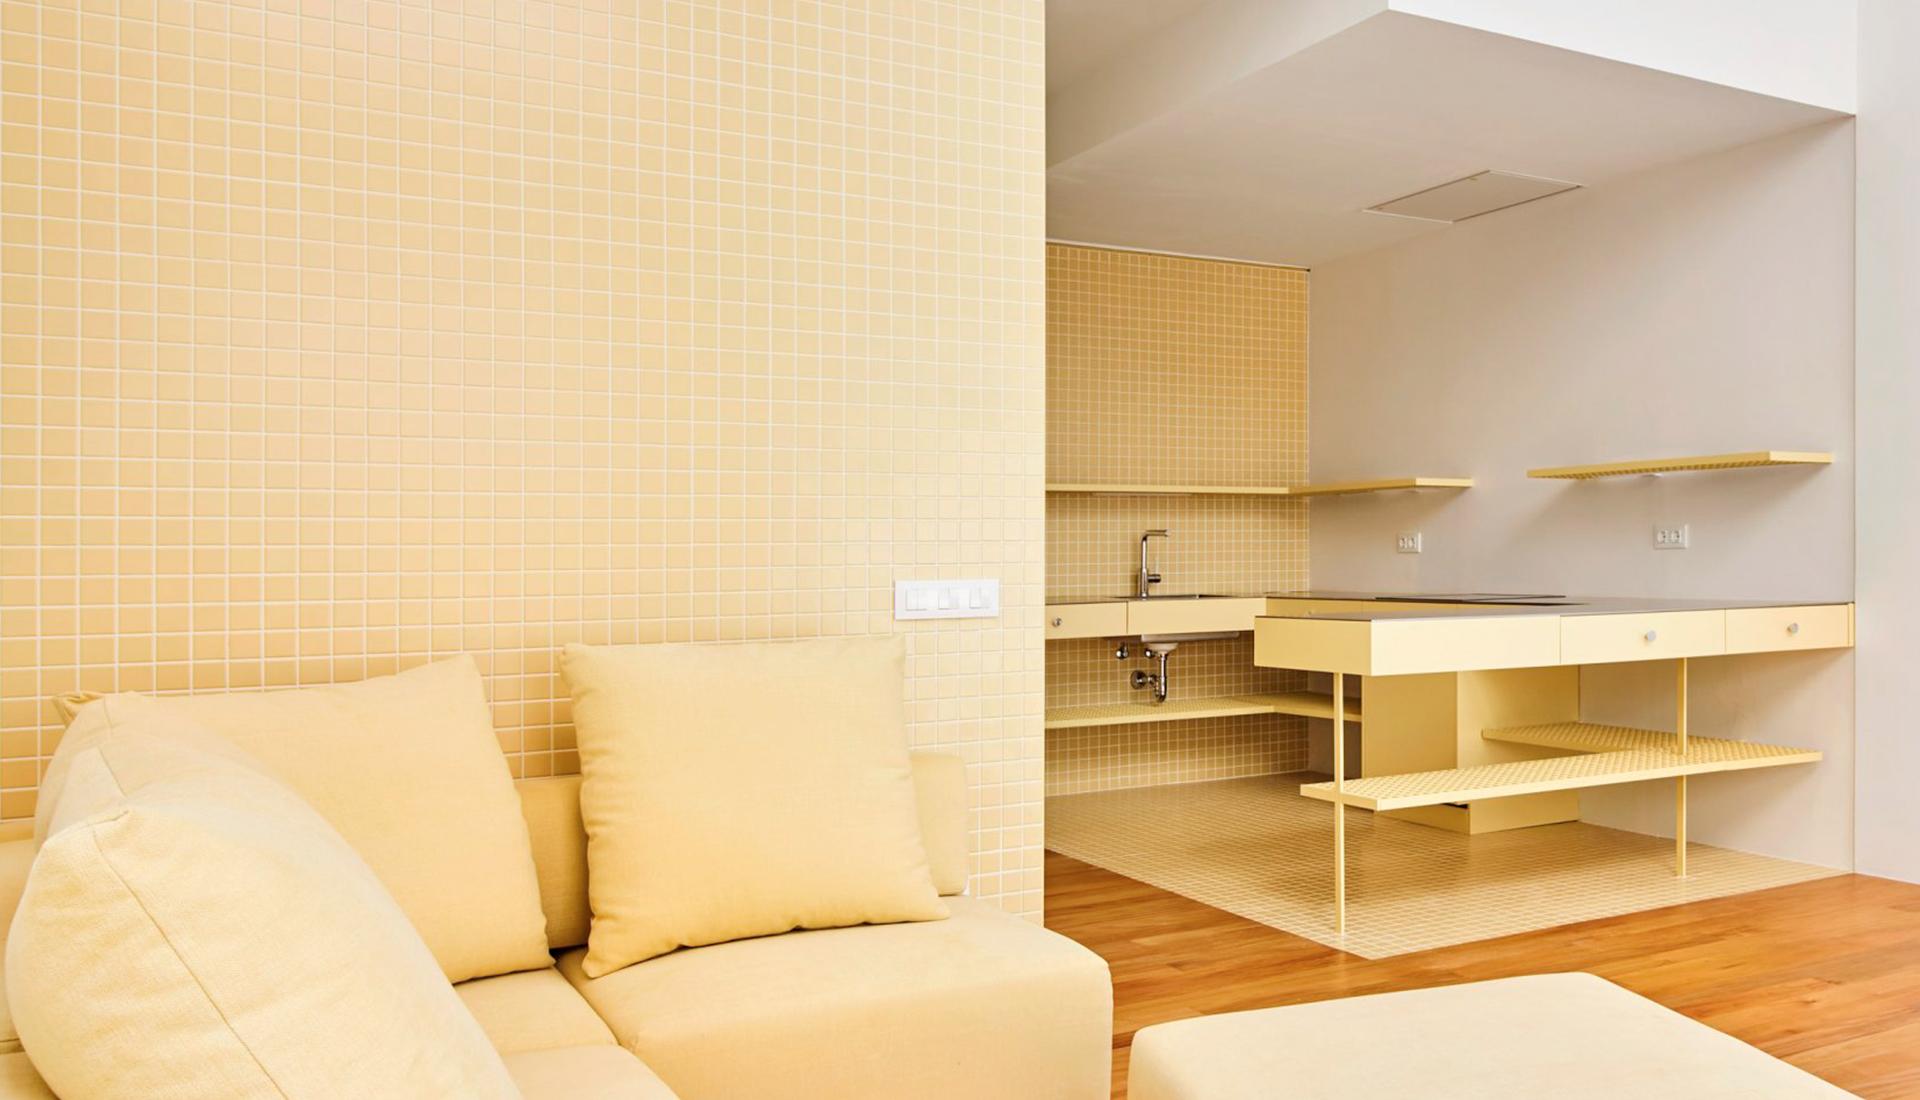 Arquitectura-G: солнечный дуплекс в Барселоне